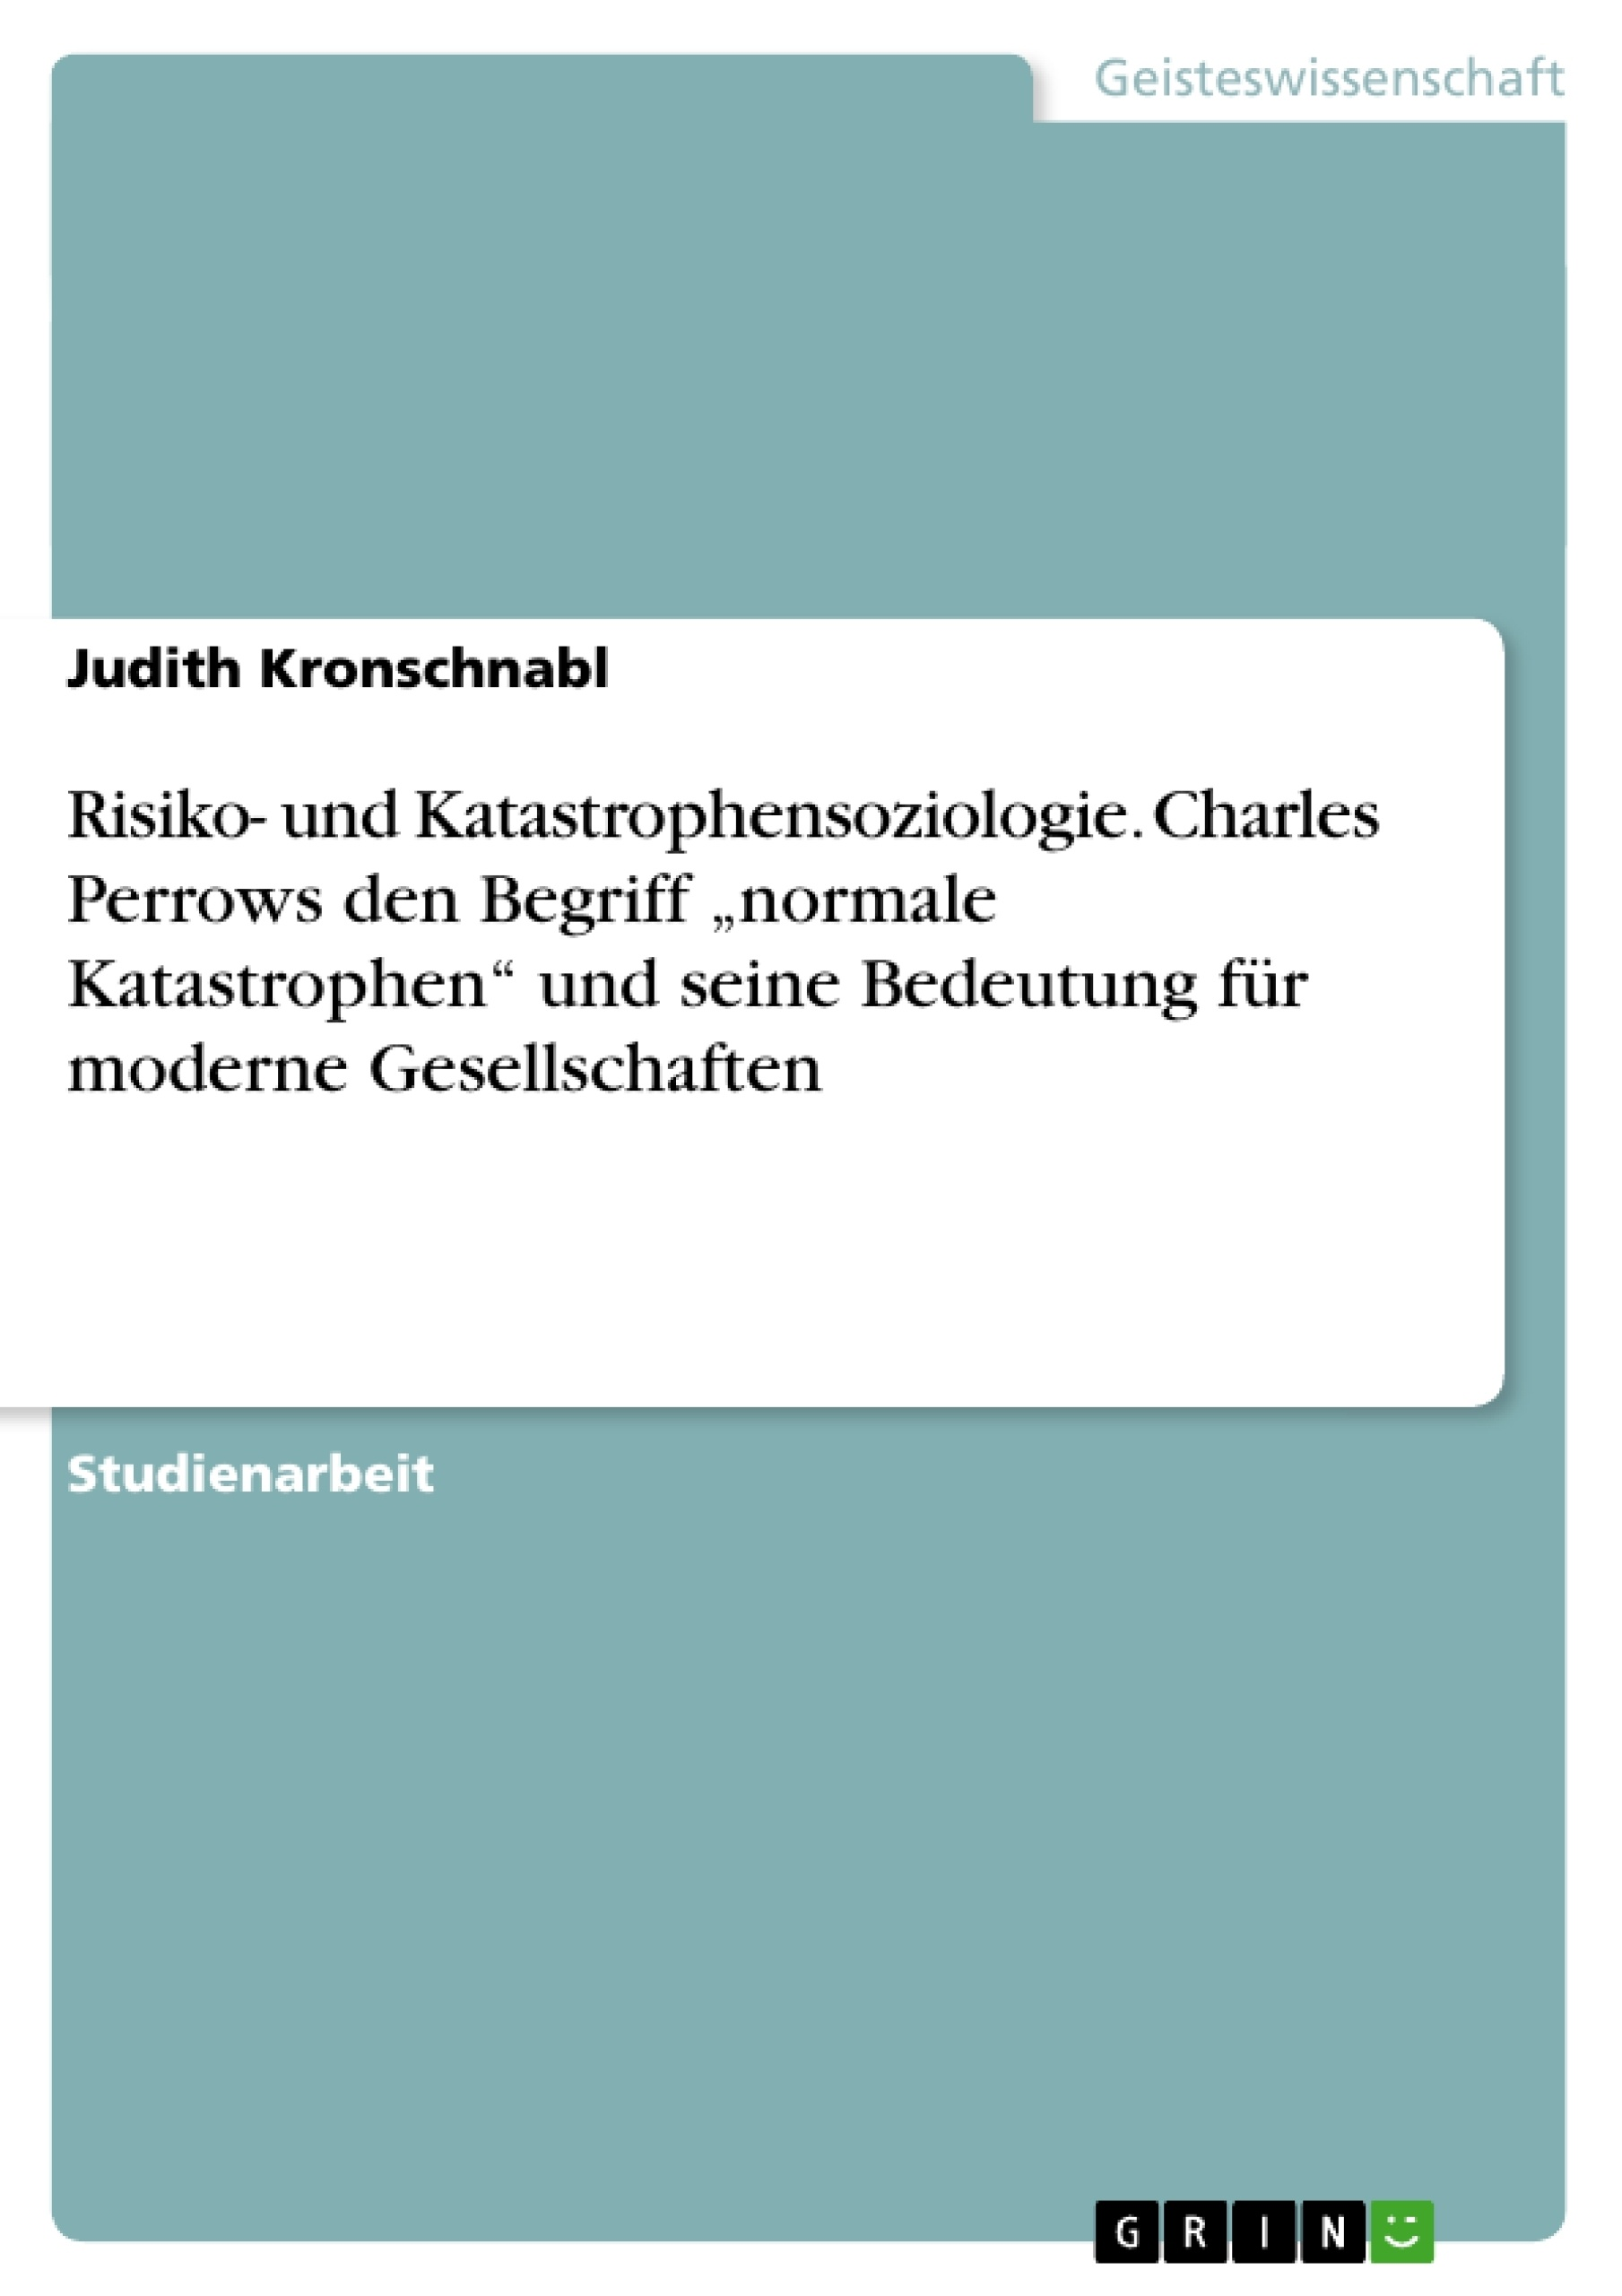 """Titel: Risiko- und Katastrophensoziologie. Charles Perrows den Begriff """"normale Katastrophen"""" und seine Bedeutung für moderne Gesellschaften"""